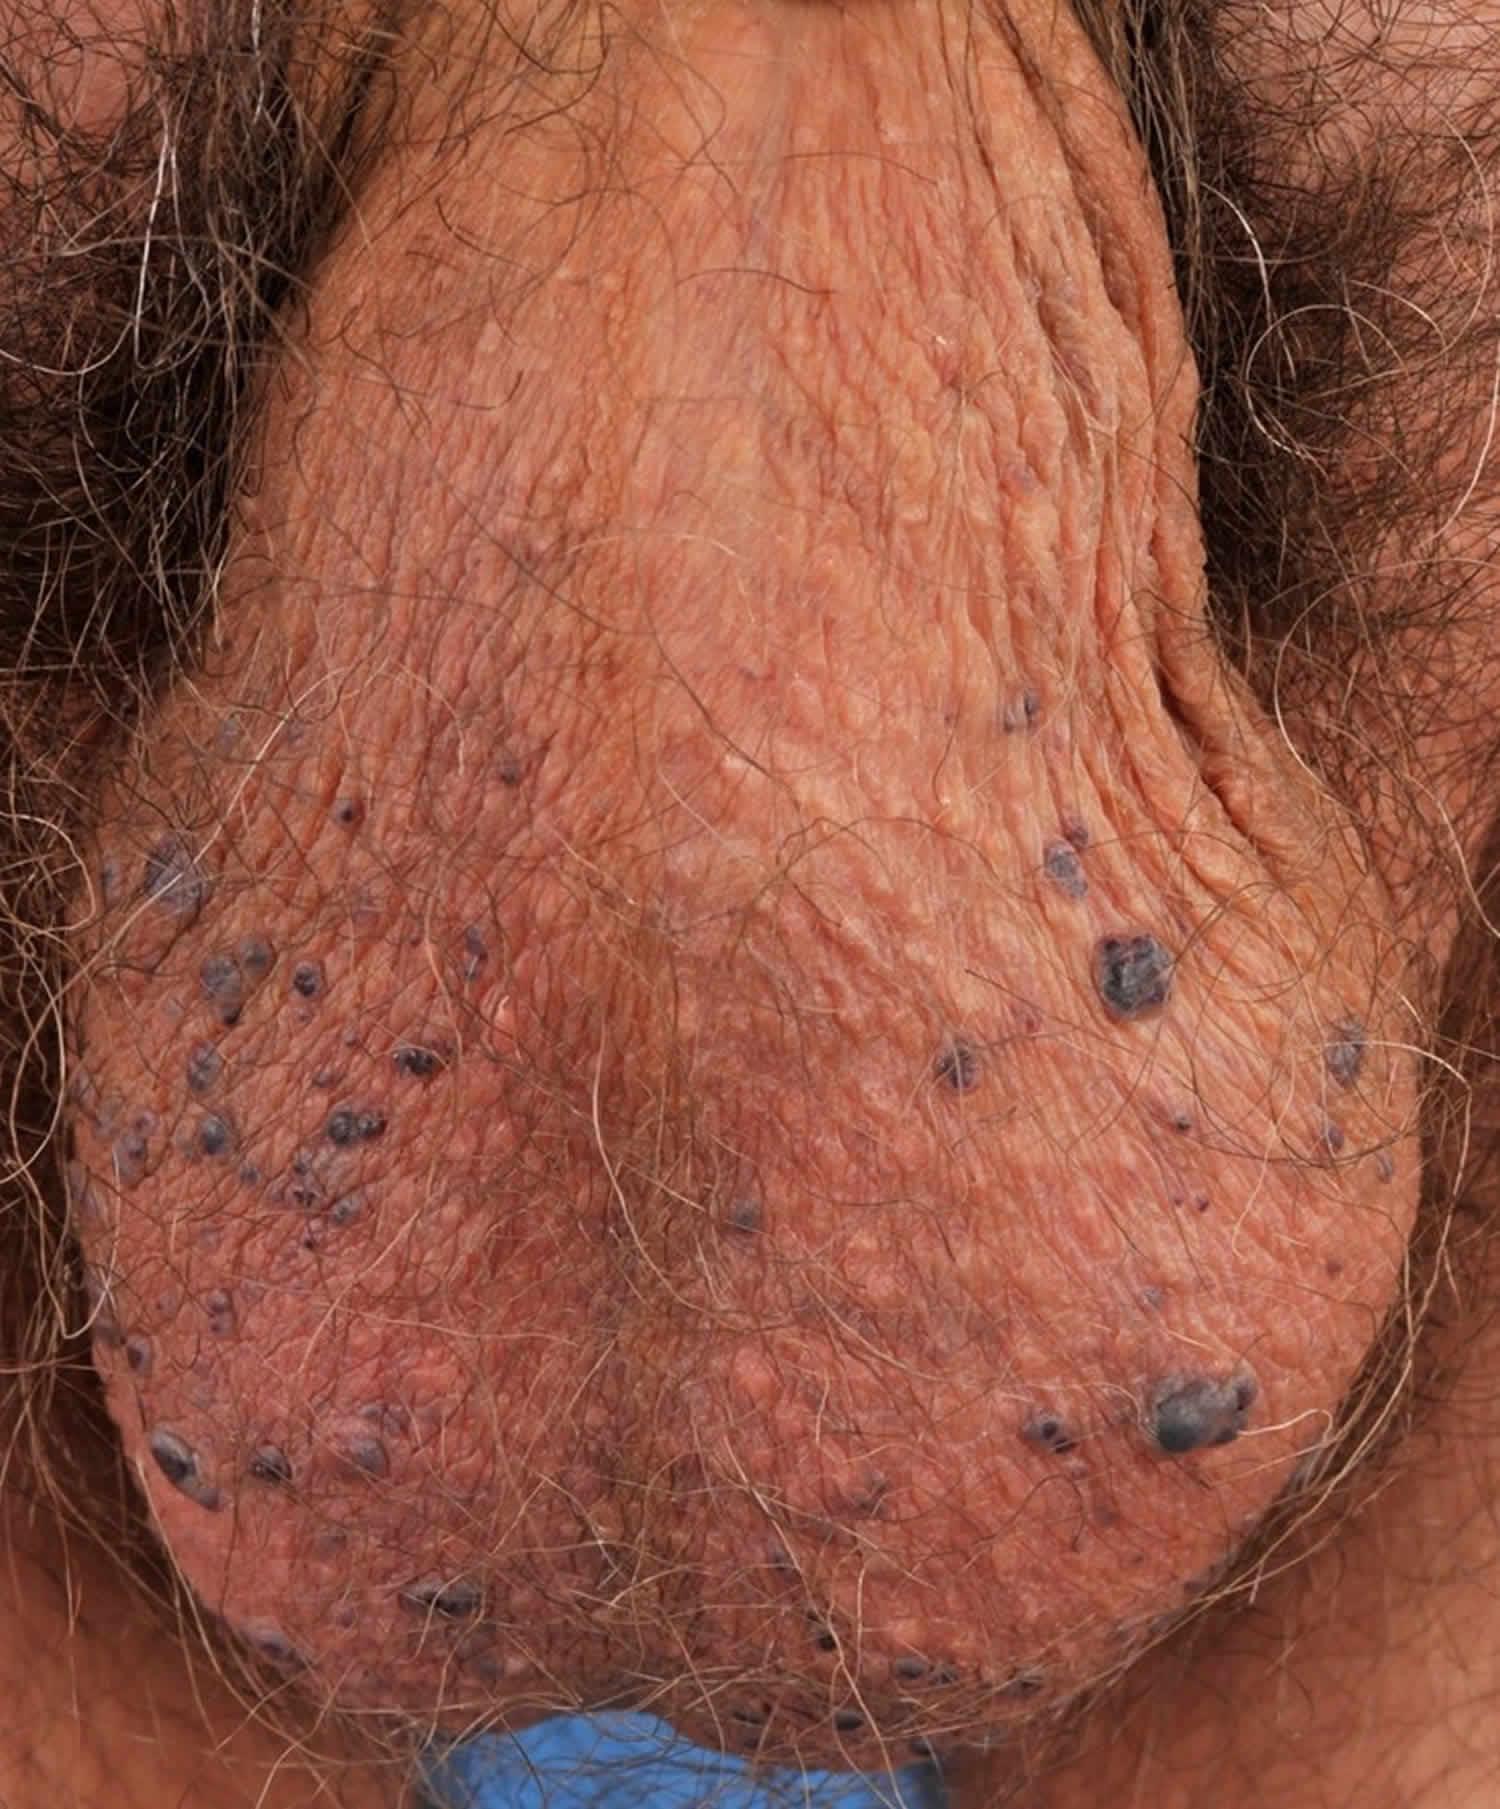 Angiokeratoma of Fordyce